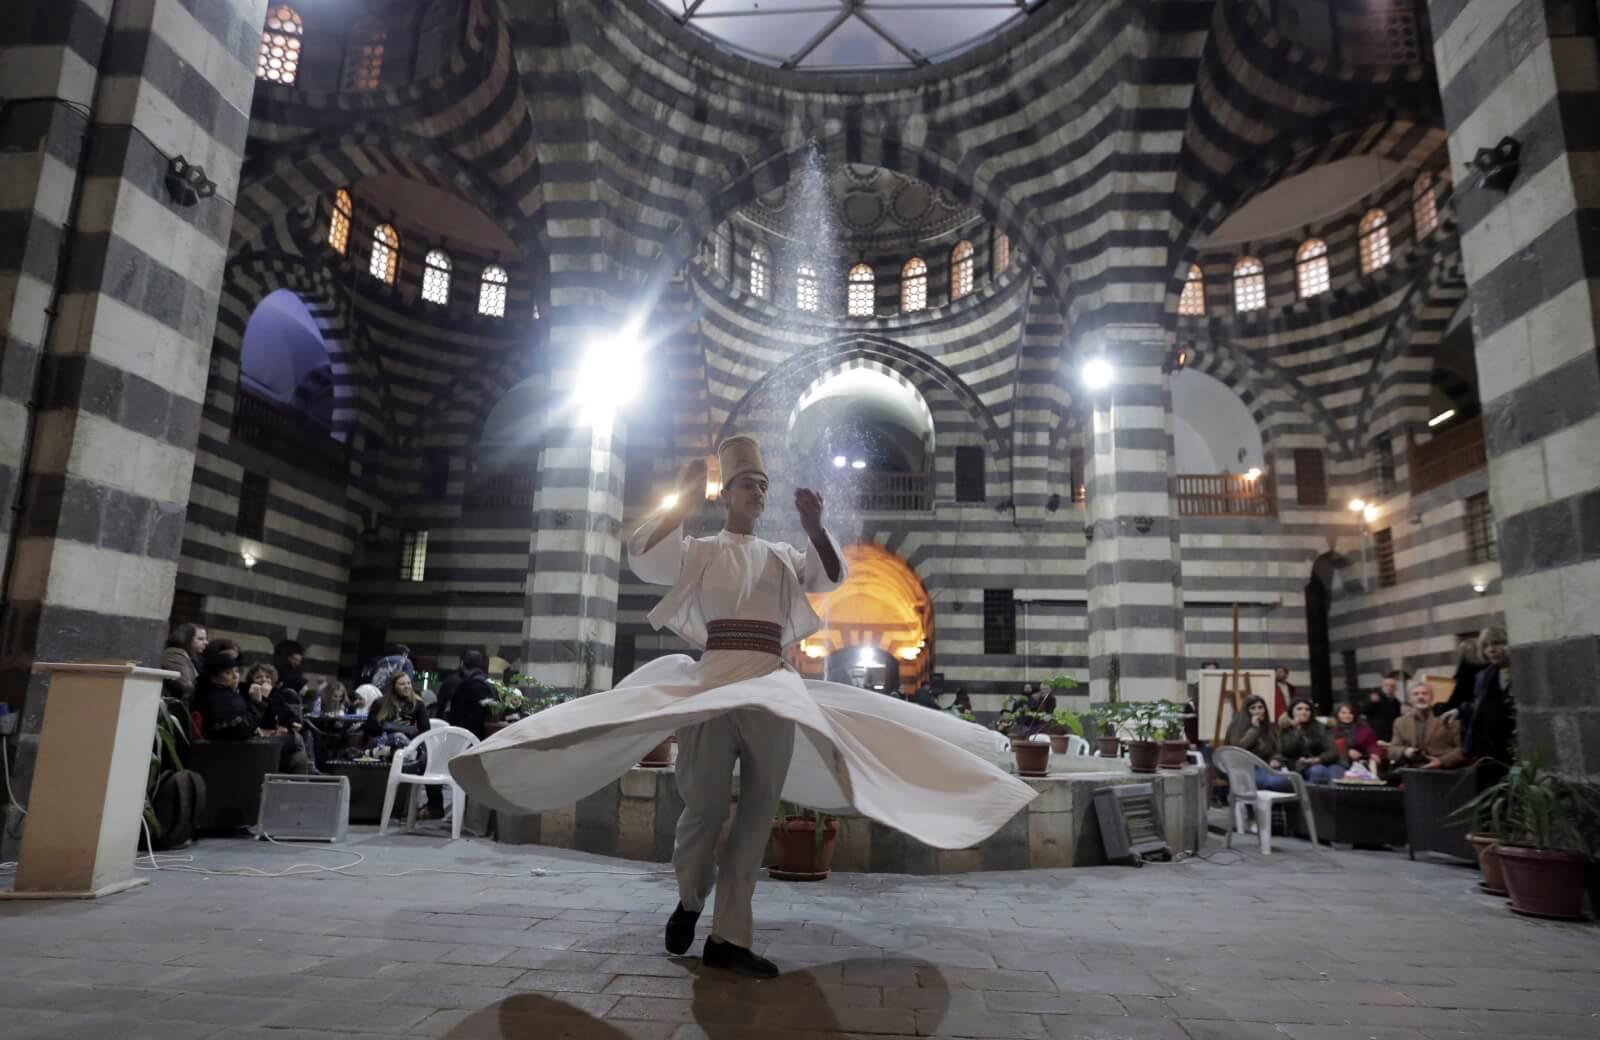 Tradycyjny damasceński taniec fot. EPA/YOUSSEF BADAWI